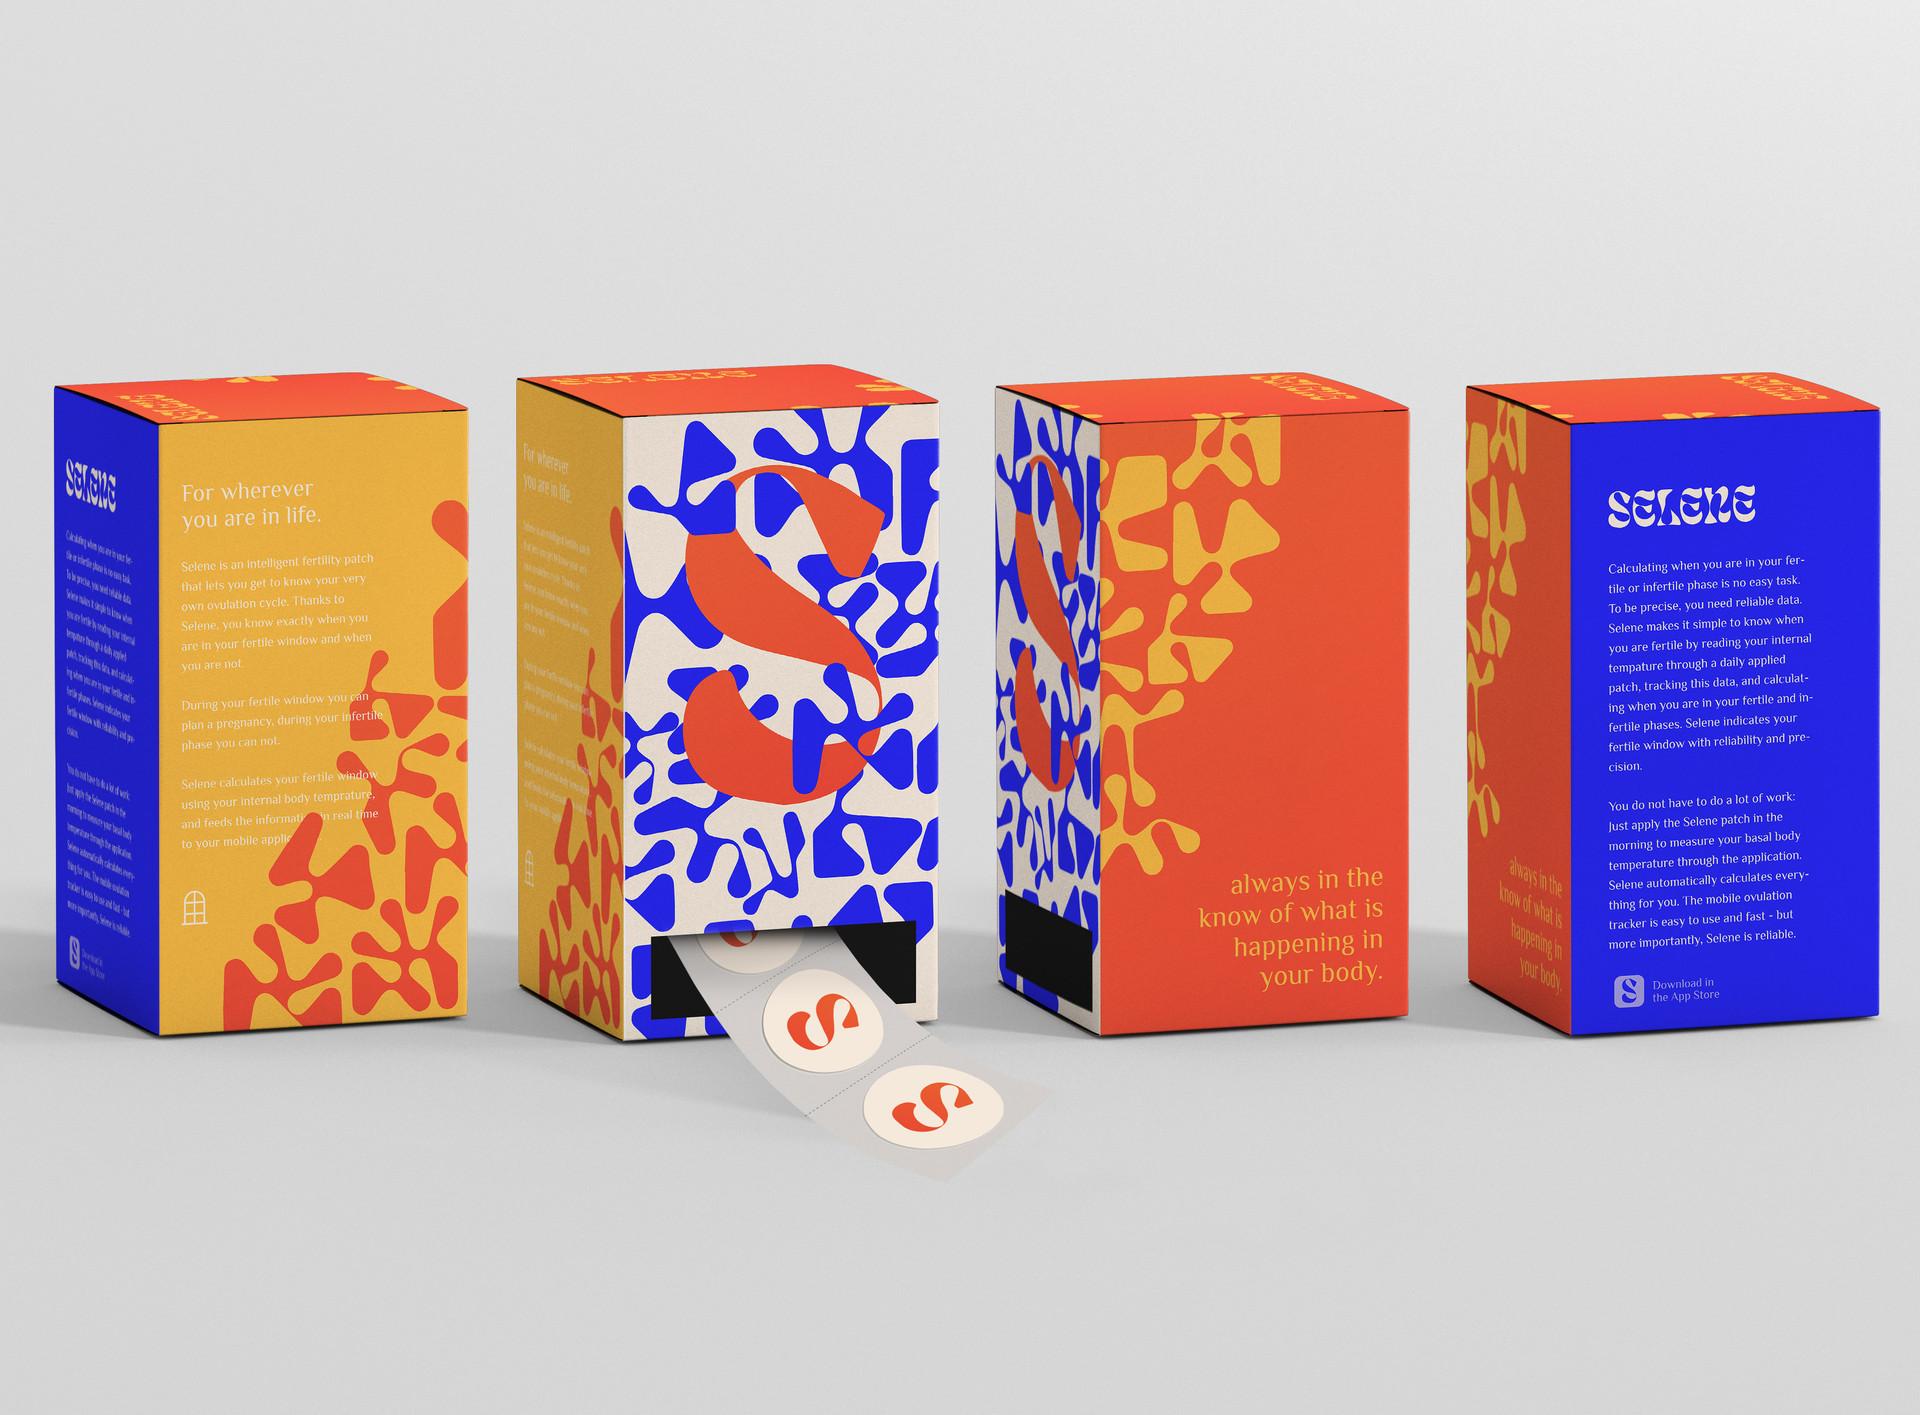 Selene Packaging